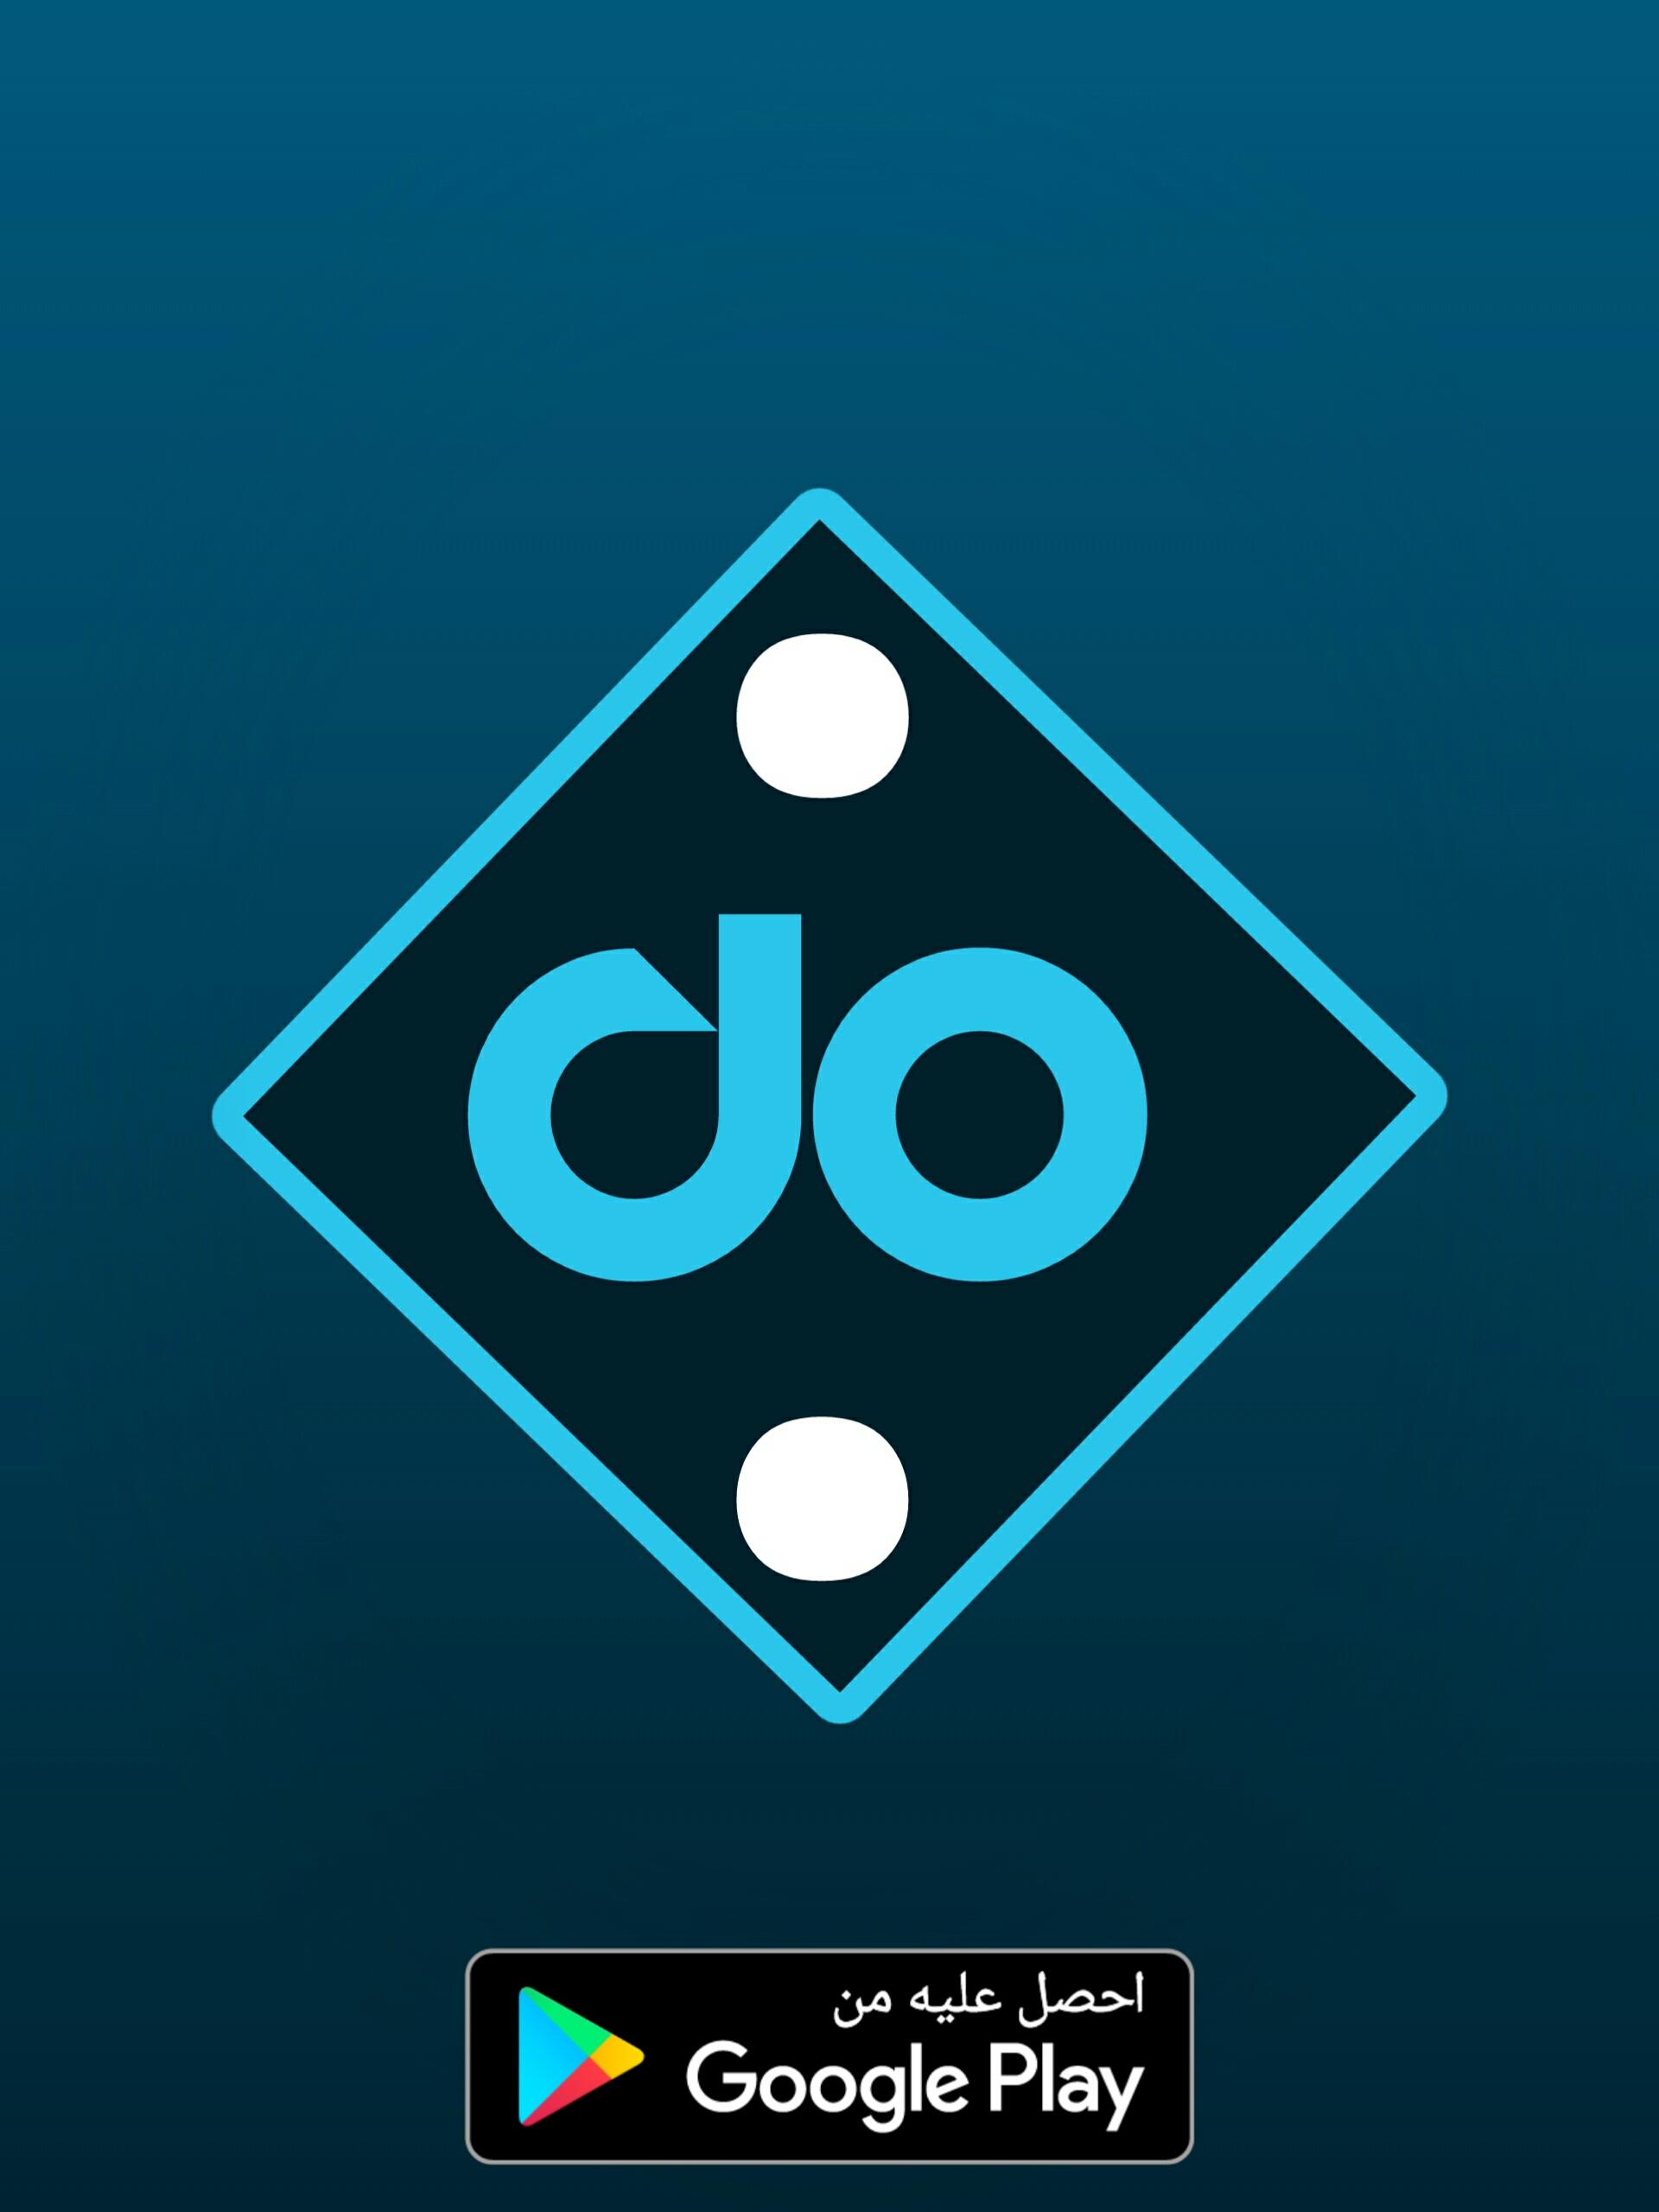 شعار لتطبيق (down)